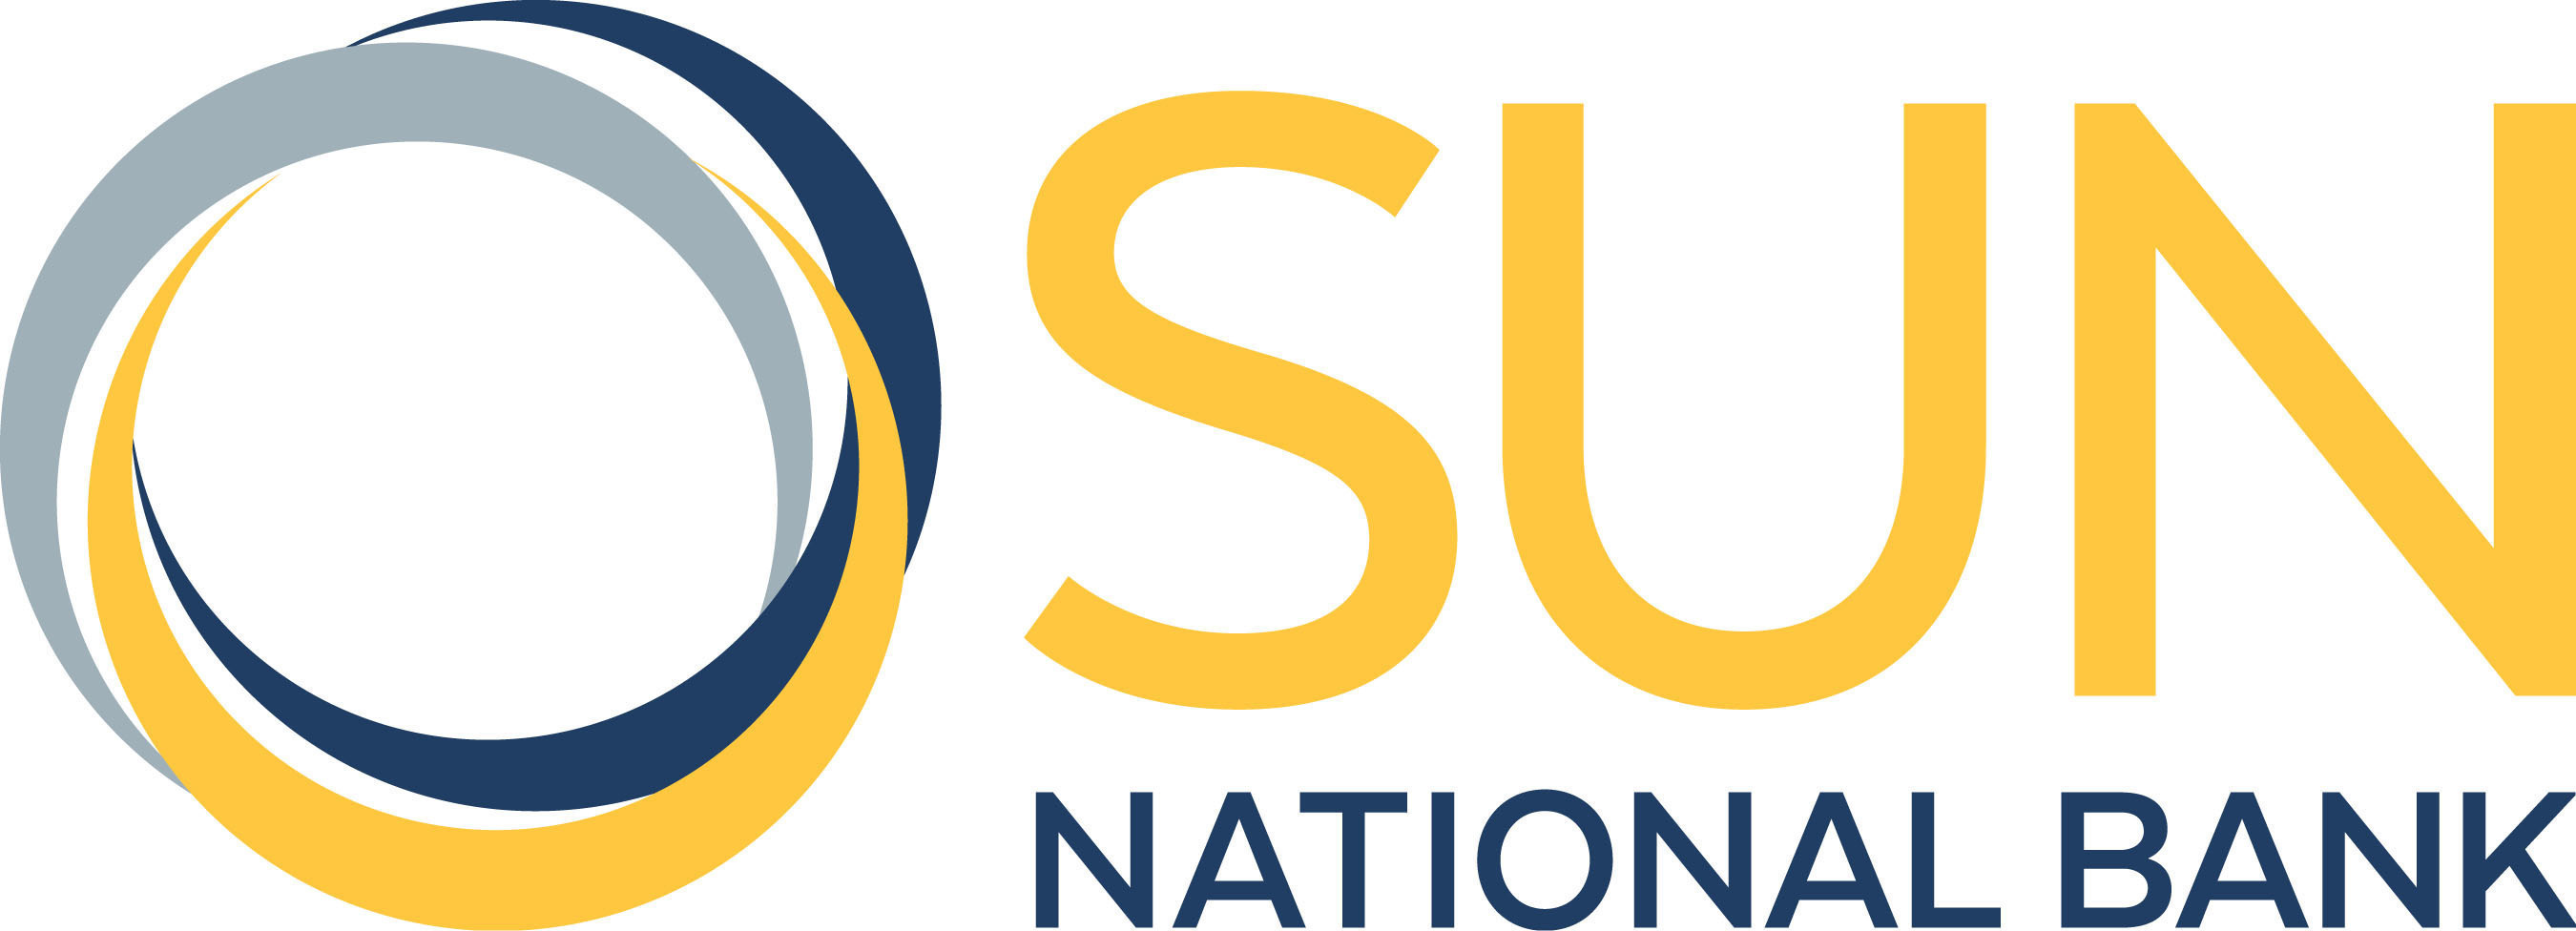 Sun National Bank logo